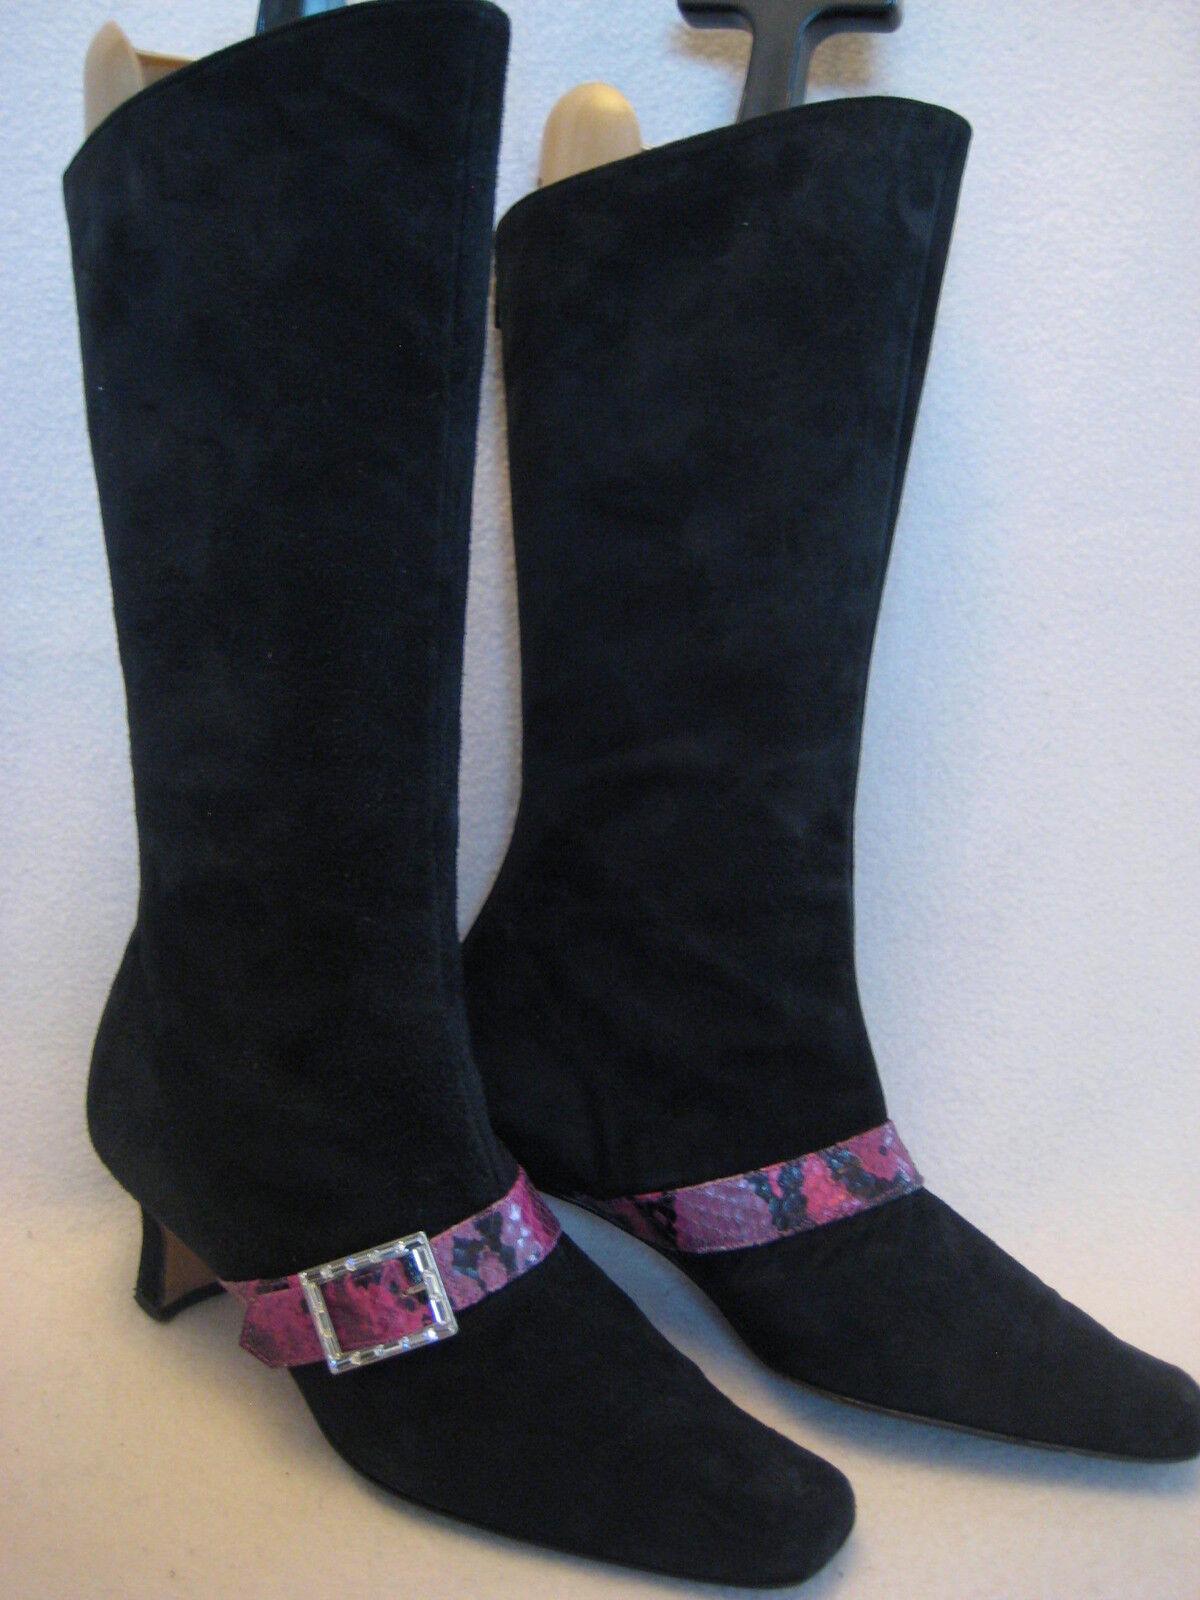 Bottine Bottes Beverly Feldman cuir velours noir strass 37 1 2 38 z17